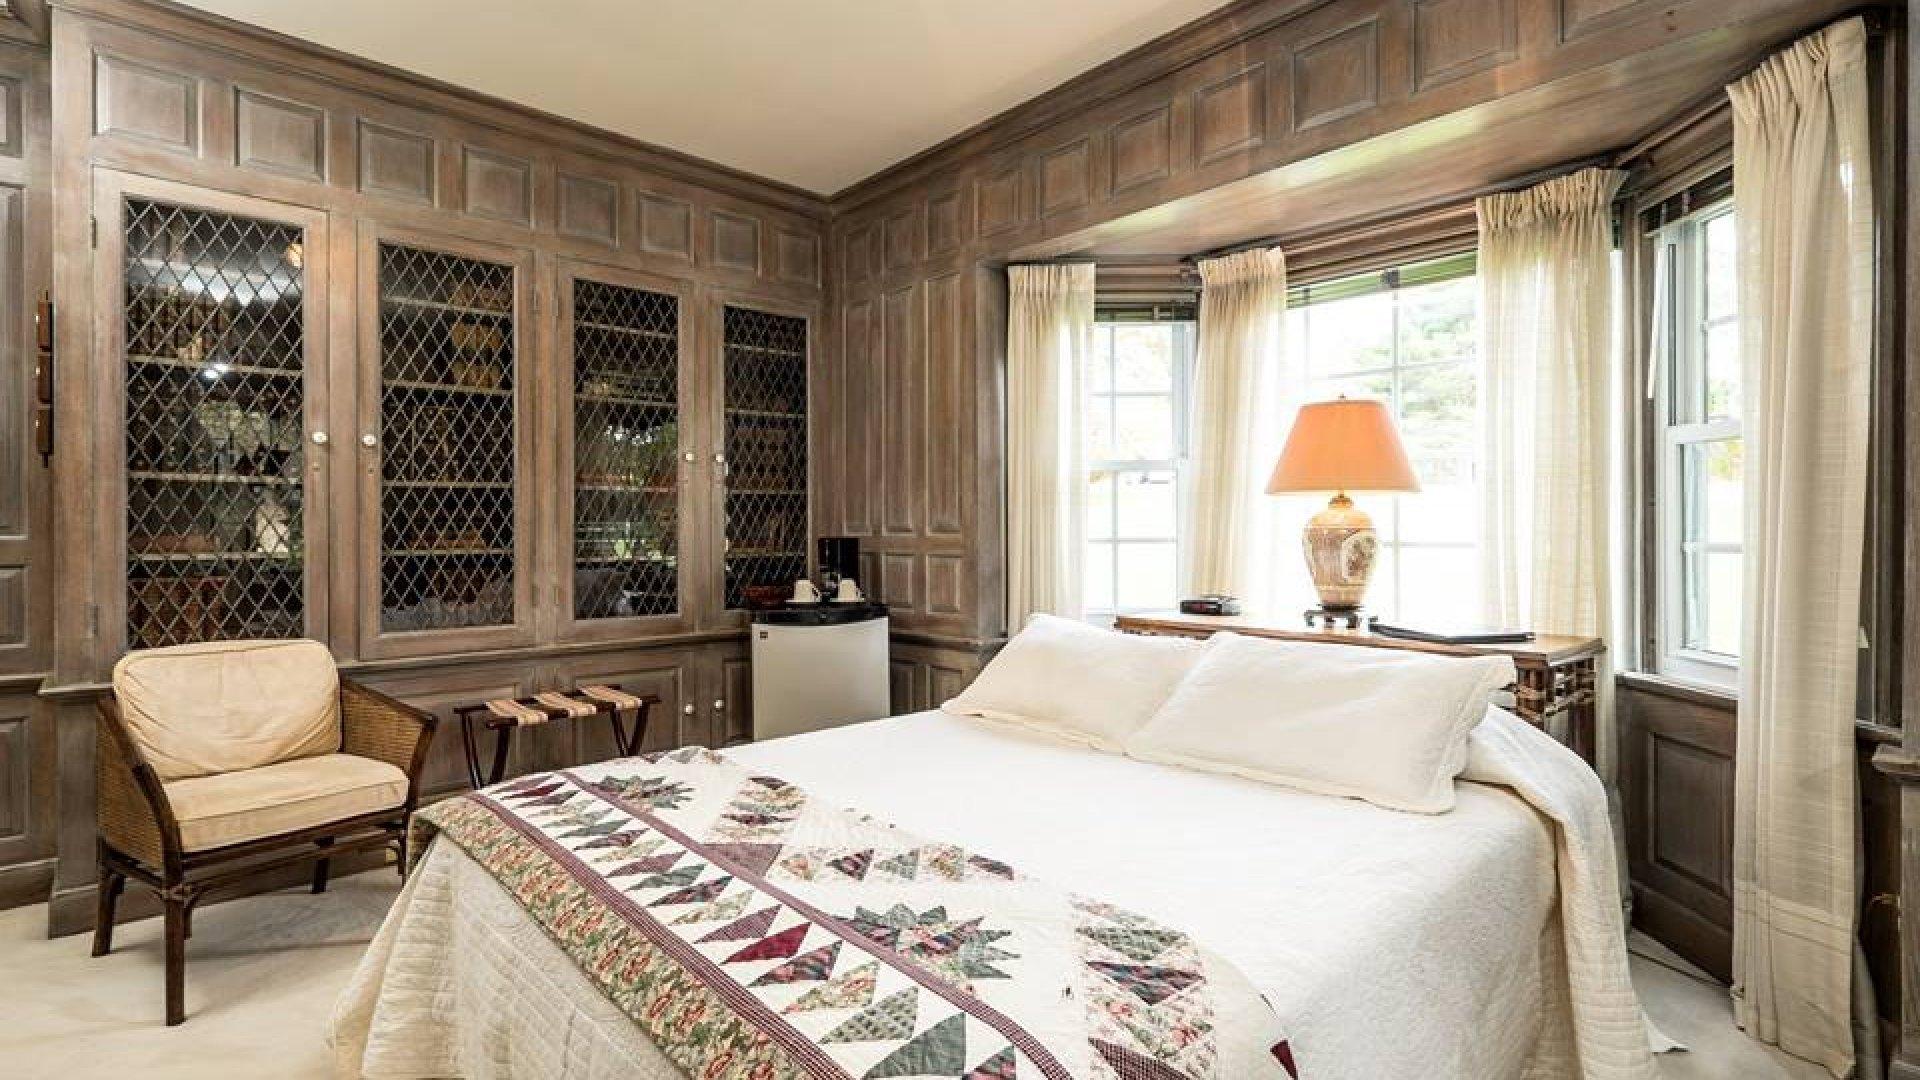 Romantic Bed & Breakfasts